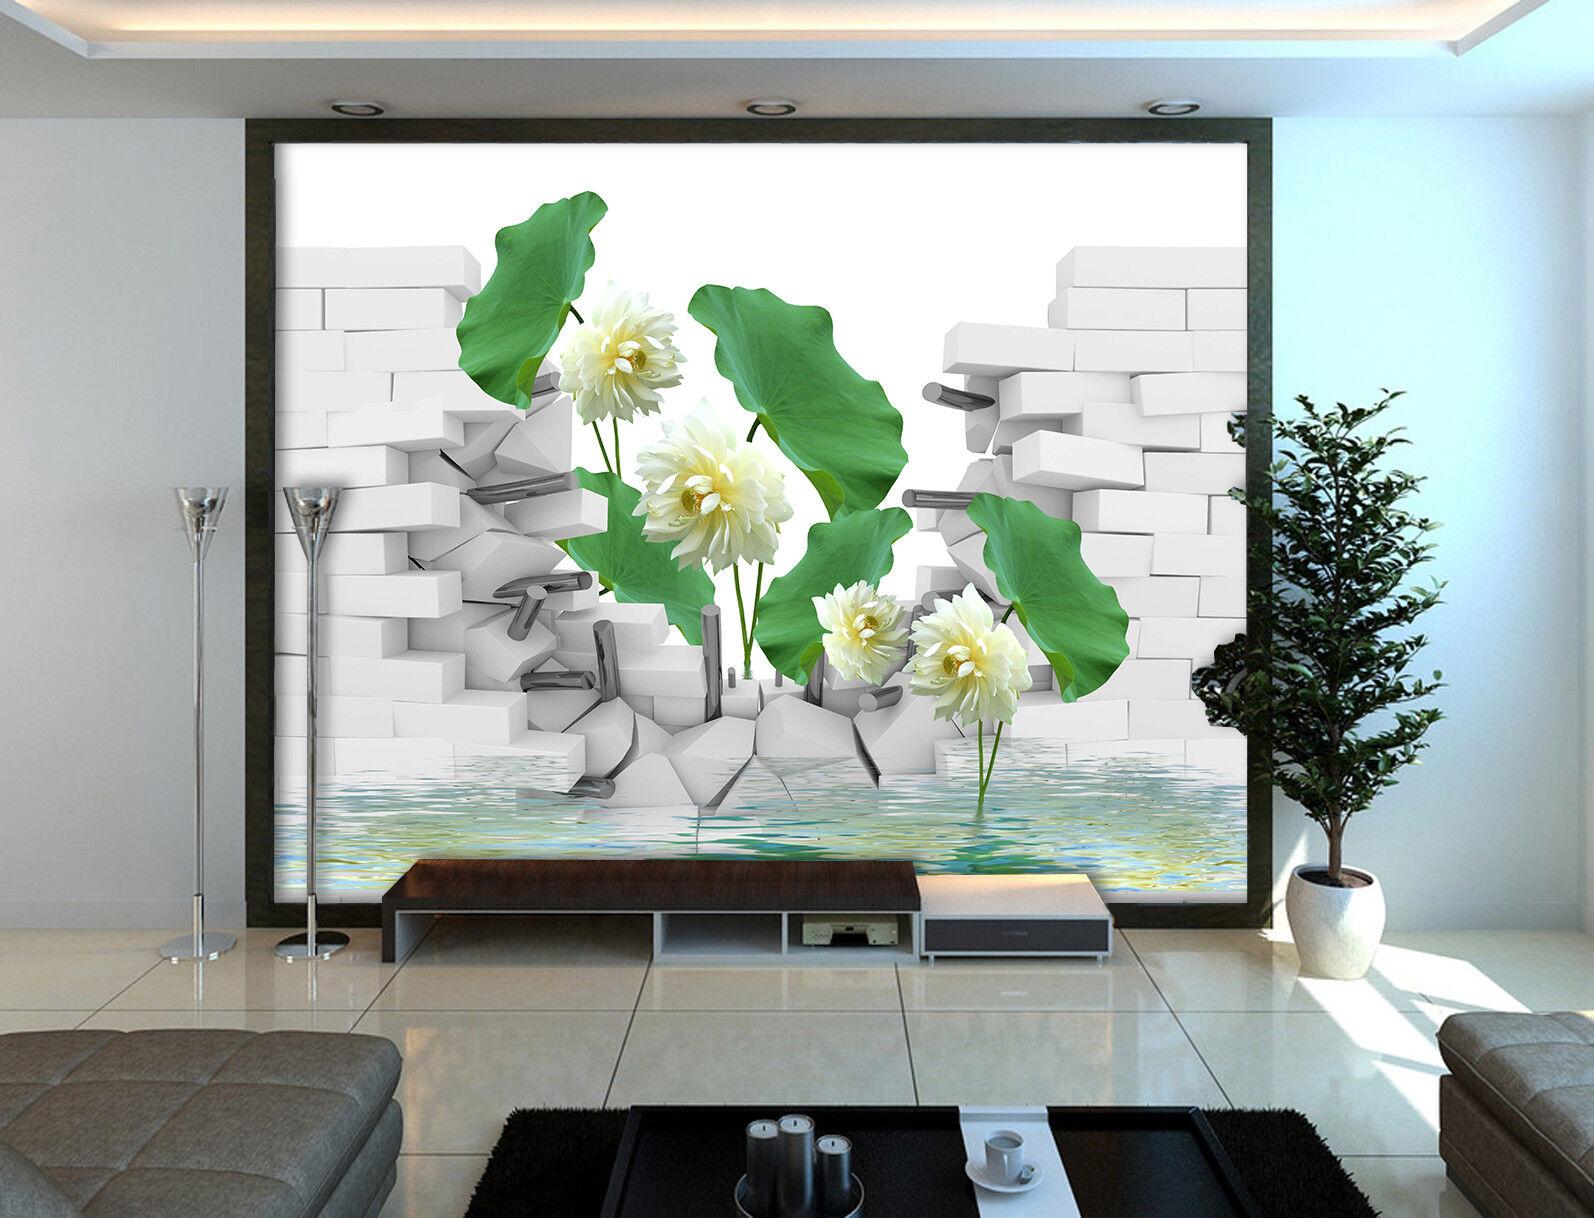 3D 3D 3D Blaumen Wand Natürlich 983 Tapete Wandgemälde Tapeten Bild Familie DE Jenny   Ausgezeichnete Leistung    Günstige Bestellung    Online Shop Europe  eca2ab